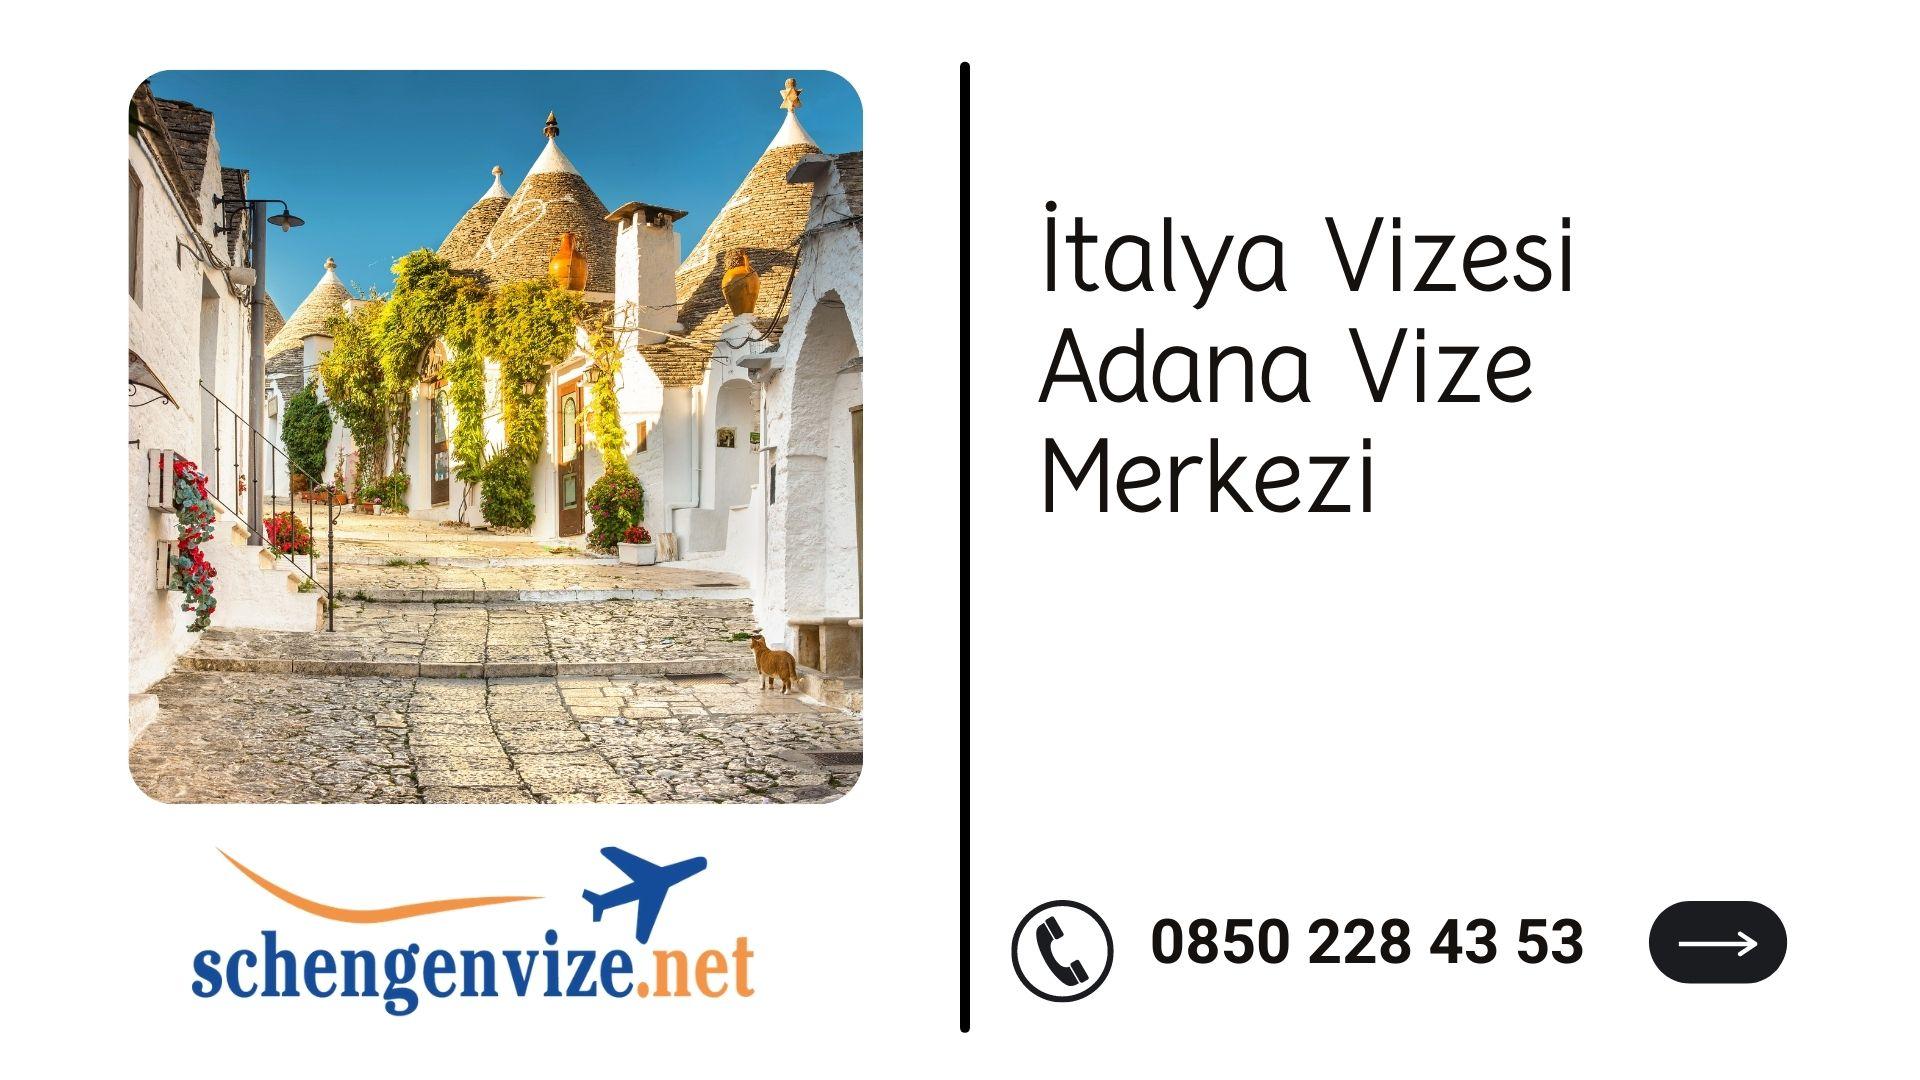 İtalya Vizesi Adana Vize Merkezi